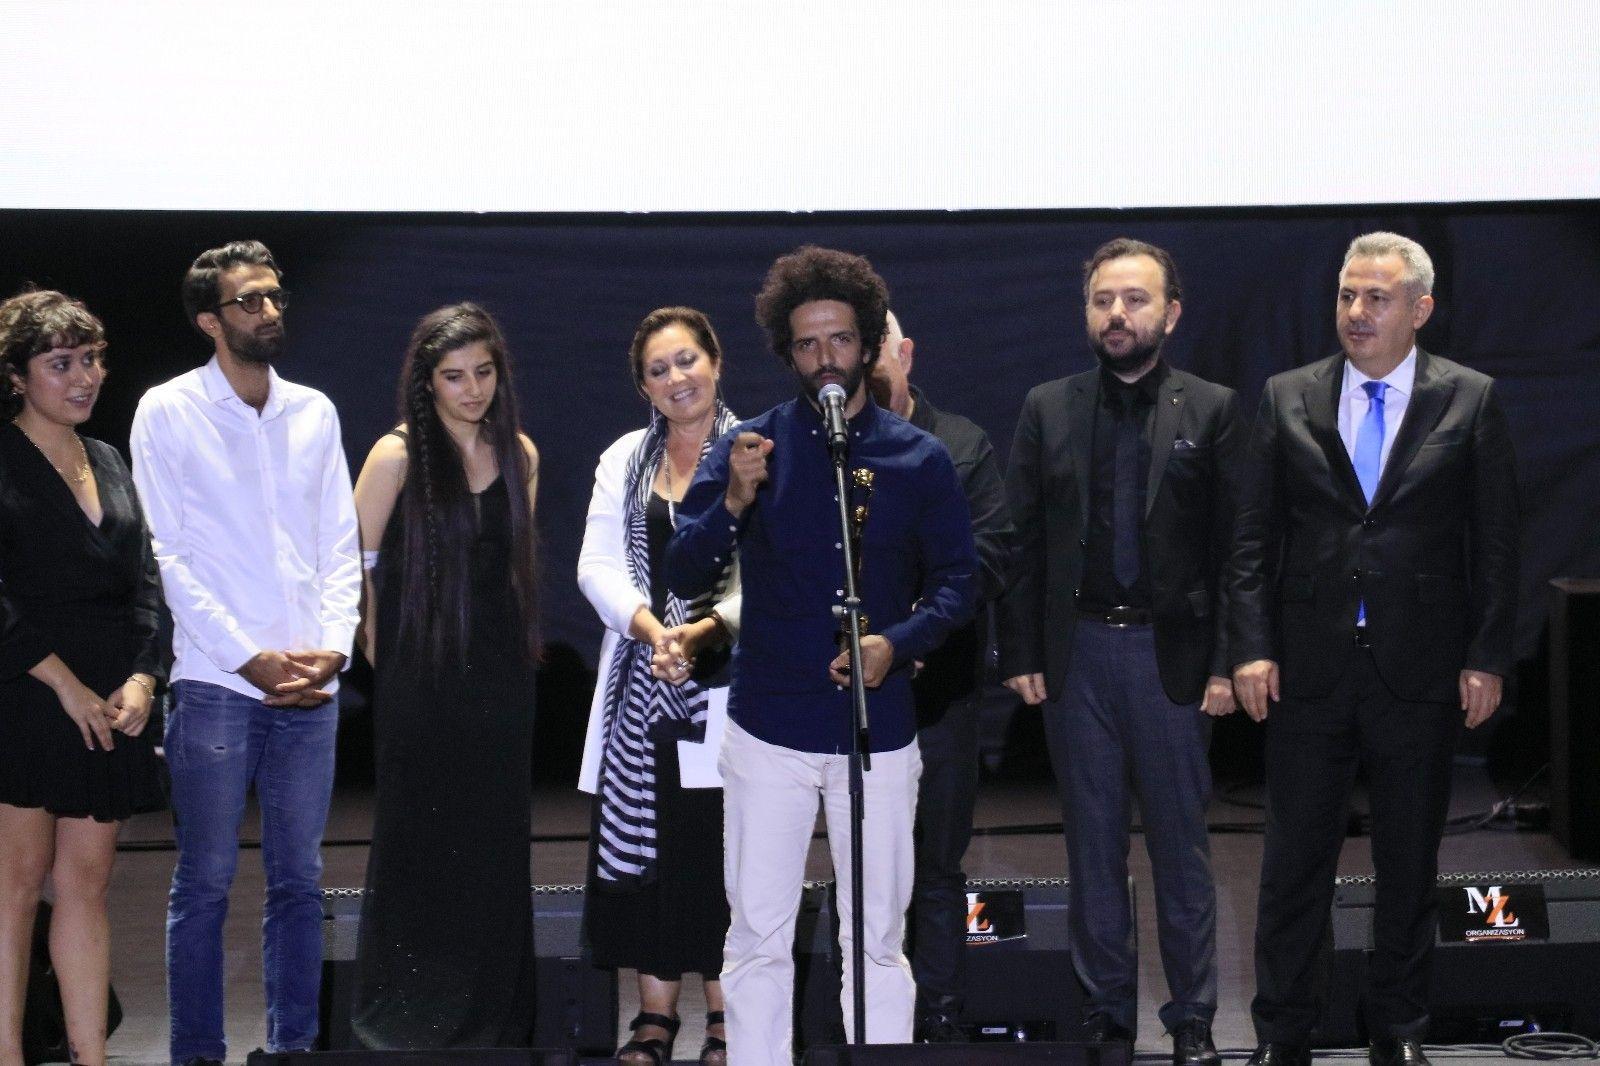 2021/09/altin-koza-film-festivalinde-odul-sahipleri-belli-oldu-20210918AW42-6.jpg